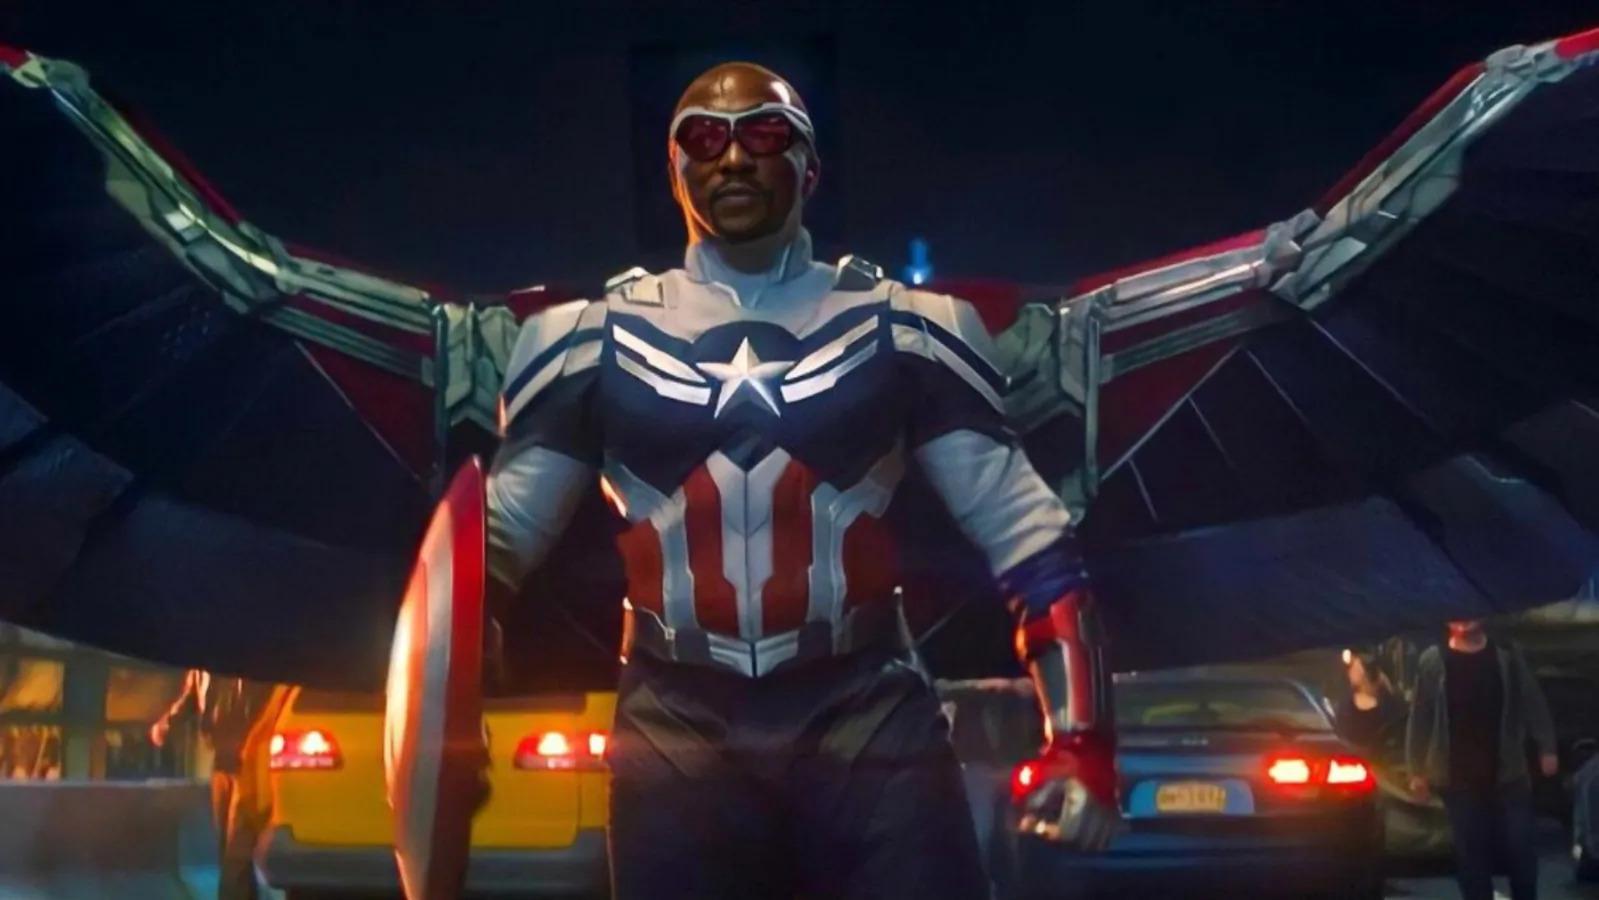 """Kostium Sama w roli Kapitana Ameryki jest wyraźnie wzorowany na tym, który widzieliśmy w komiksach. W MCU wprowadzono jednak kilka zmian: uproszczono symbol gwiazdy na klatce piersiowej, zwykłe rękawiczki zastąpiono rękawicami wzmocnionymi metalowym ochraniaczem. Do tego umieszczone na plecach i prawdopodobnie wykonane z vibranium skrzydła zwiększają rozpiętość (w komiksach """"wyrastały"""" spod ramion). Trzeba też dodać, że wizjer umożliwia Wilsonowi termowizję, a Redwingowi towarzyszą podobne do niego drony."""